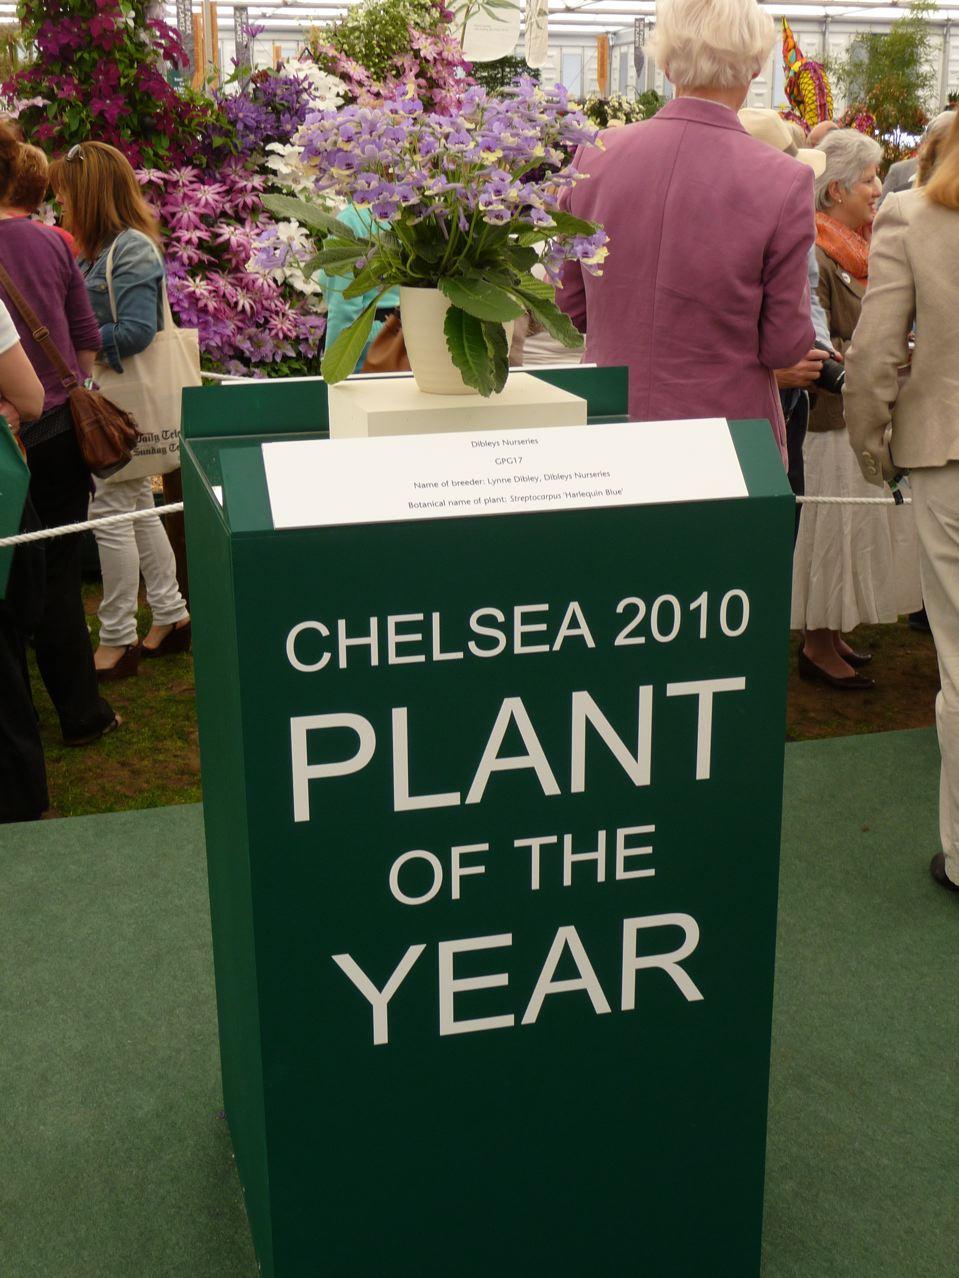 Plante de l'année pour le Chelsea Flower Show 2010